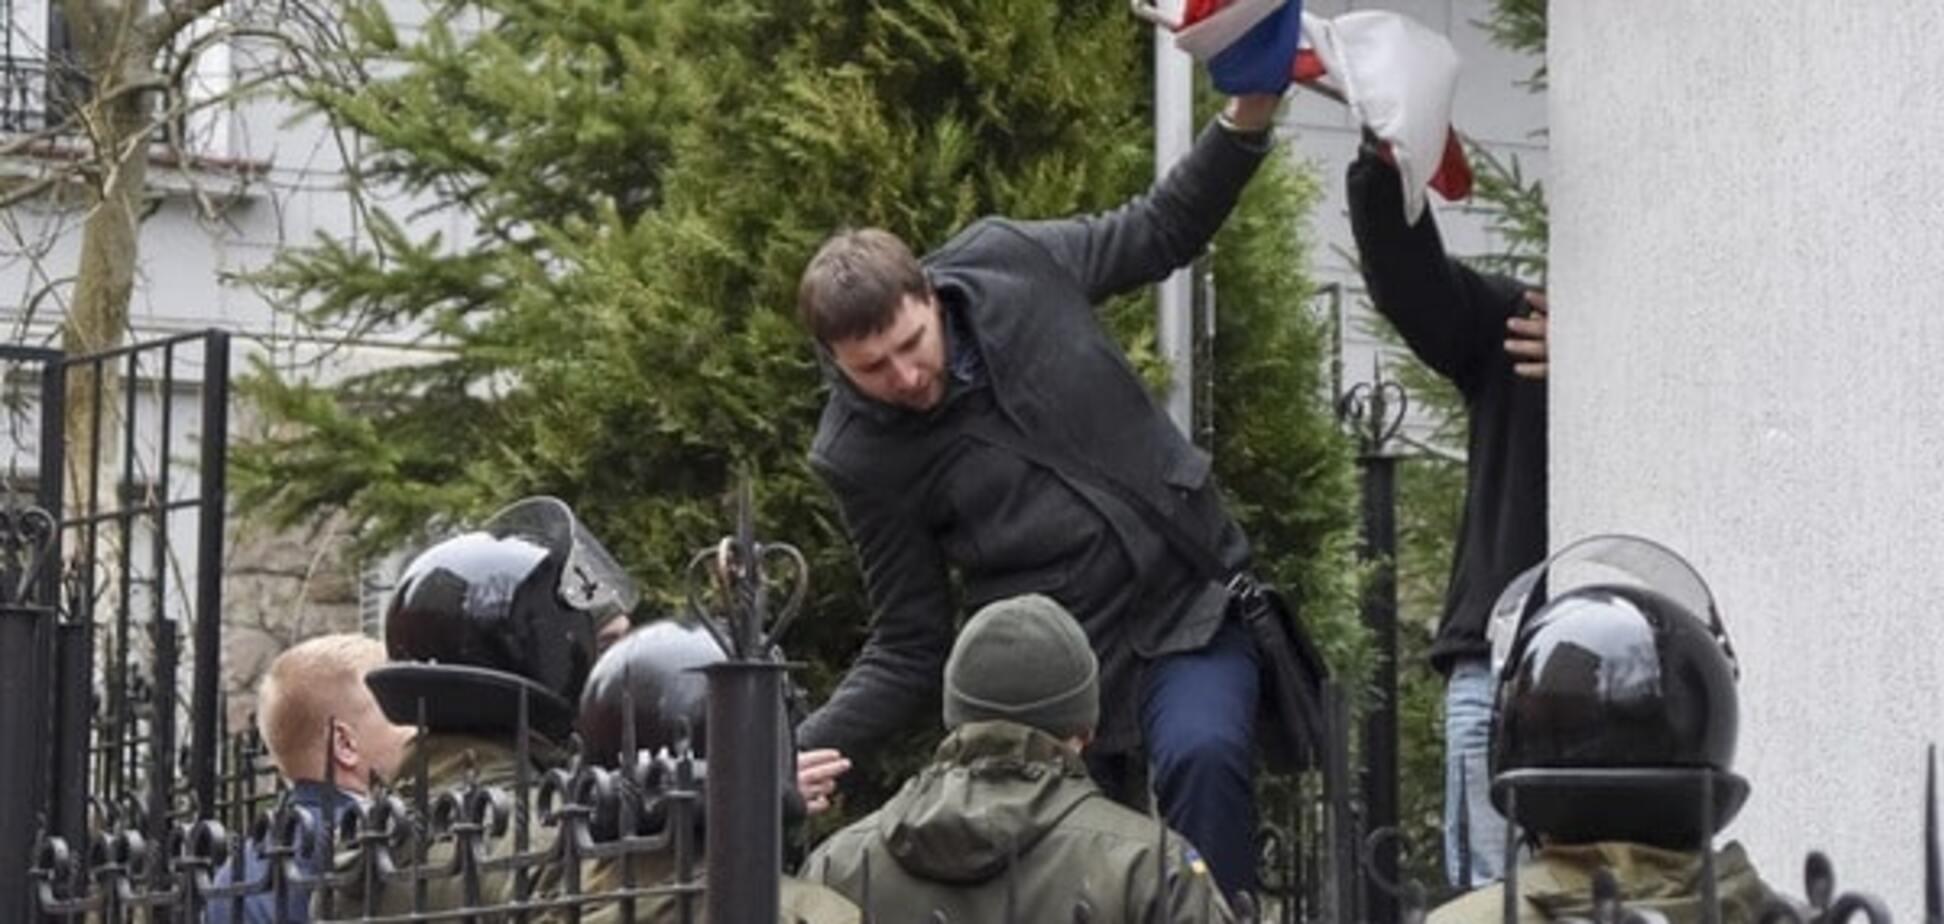 Парасюк сорвал с российского консульства во Львове флаг: опубликовано видео